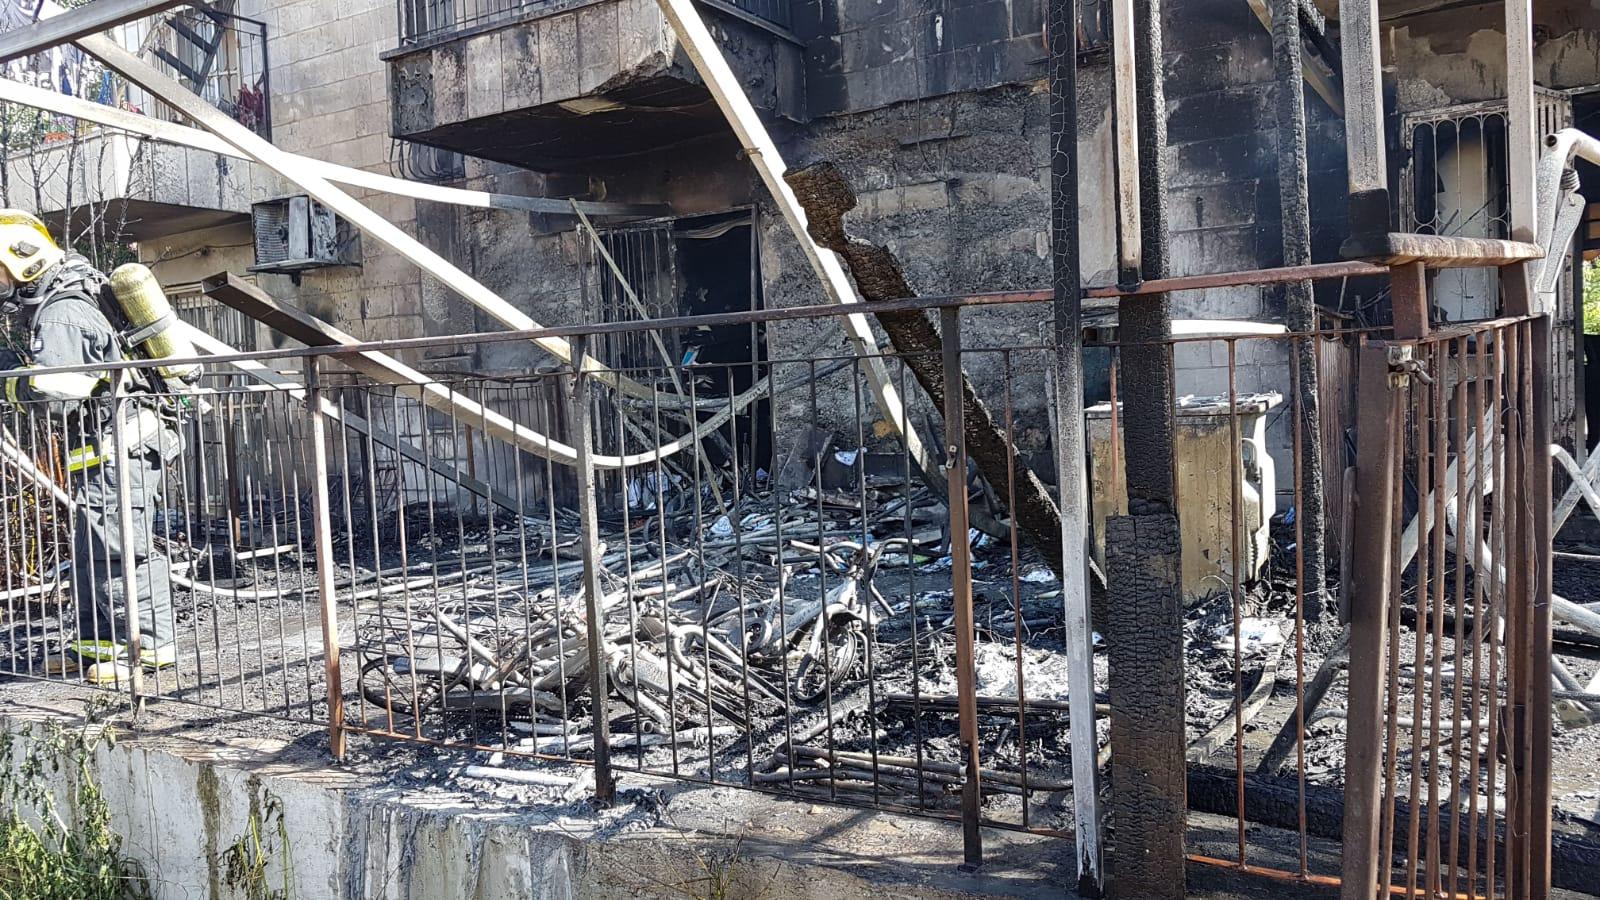 גם בבירה: שריפה משתוללת בסנהדריה המורחבת